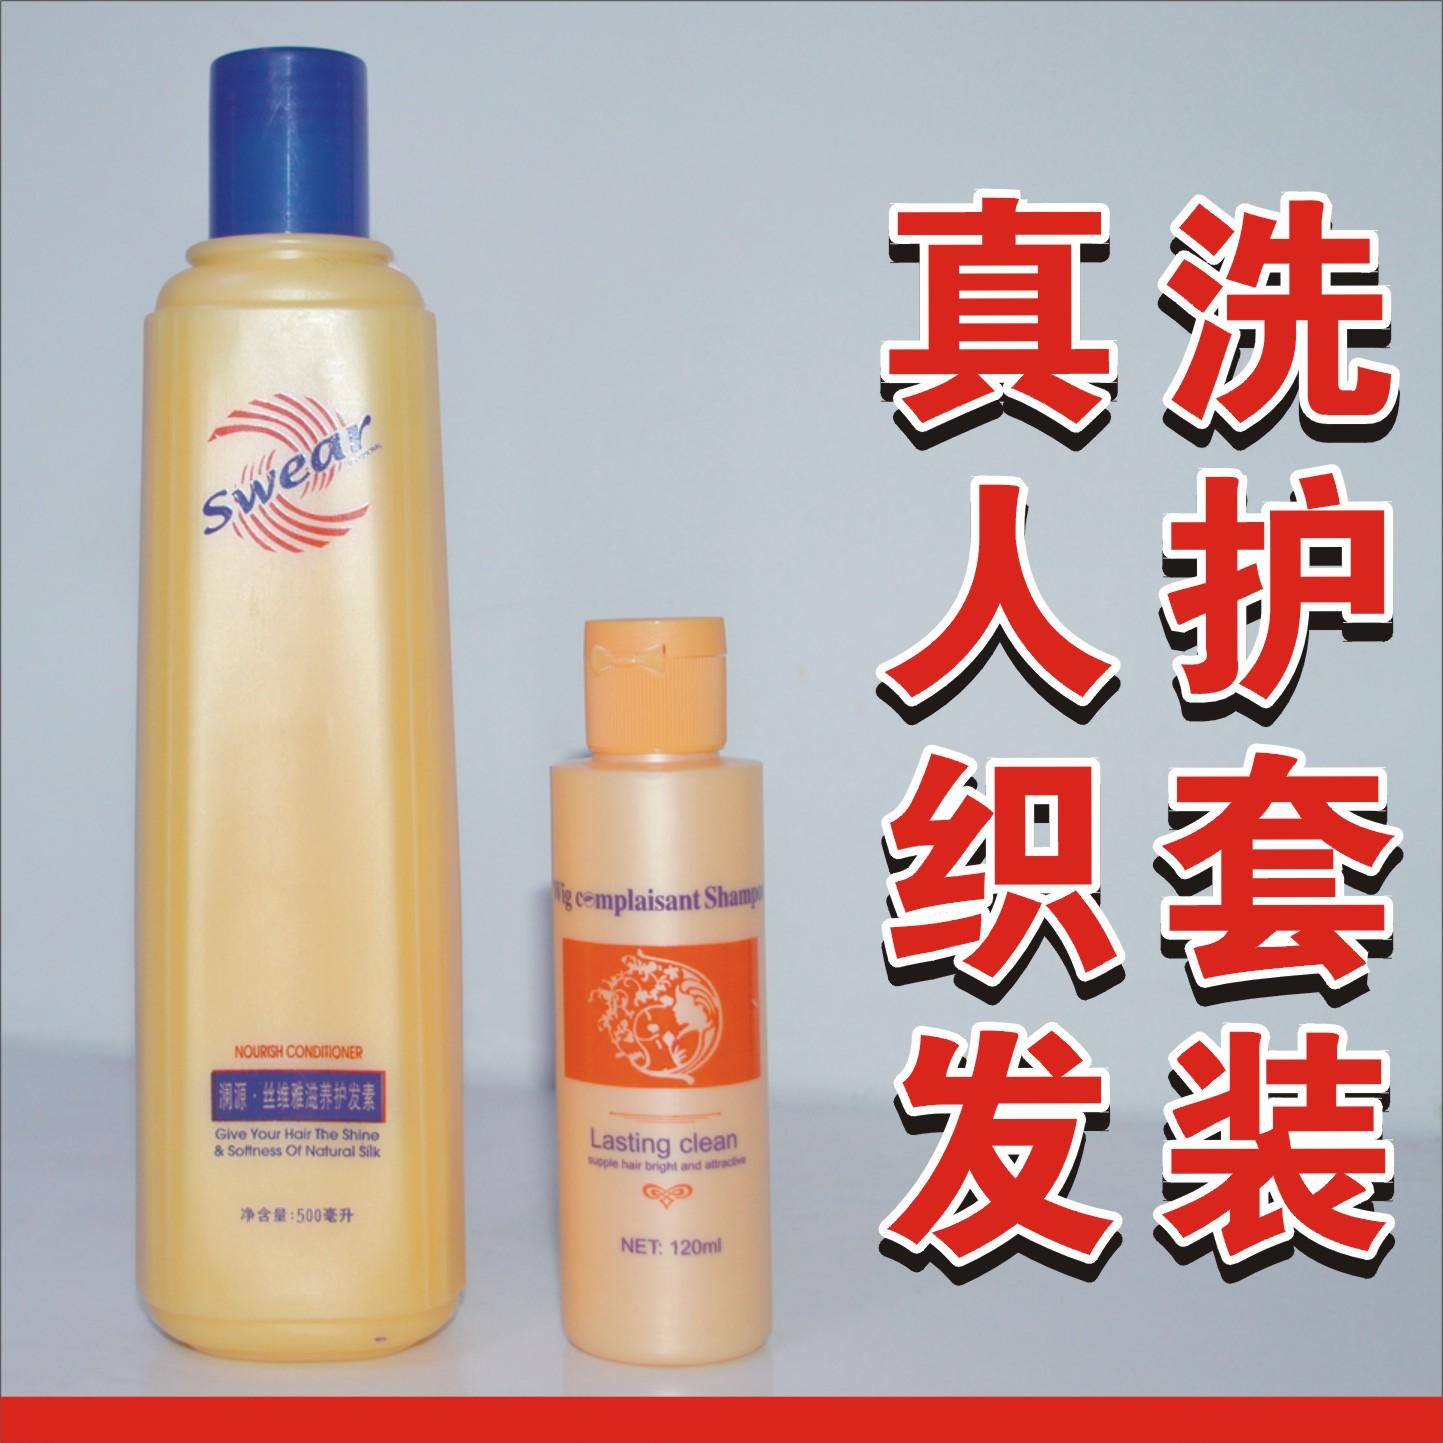 织发补发真人发洗发水假发护发素发块发片护发液超柔顺洗护套装